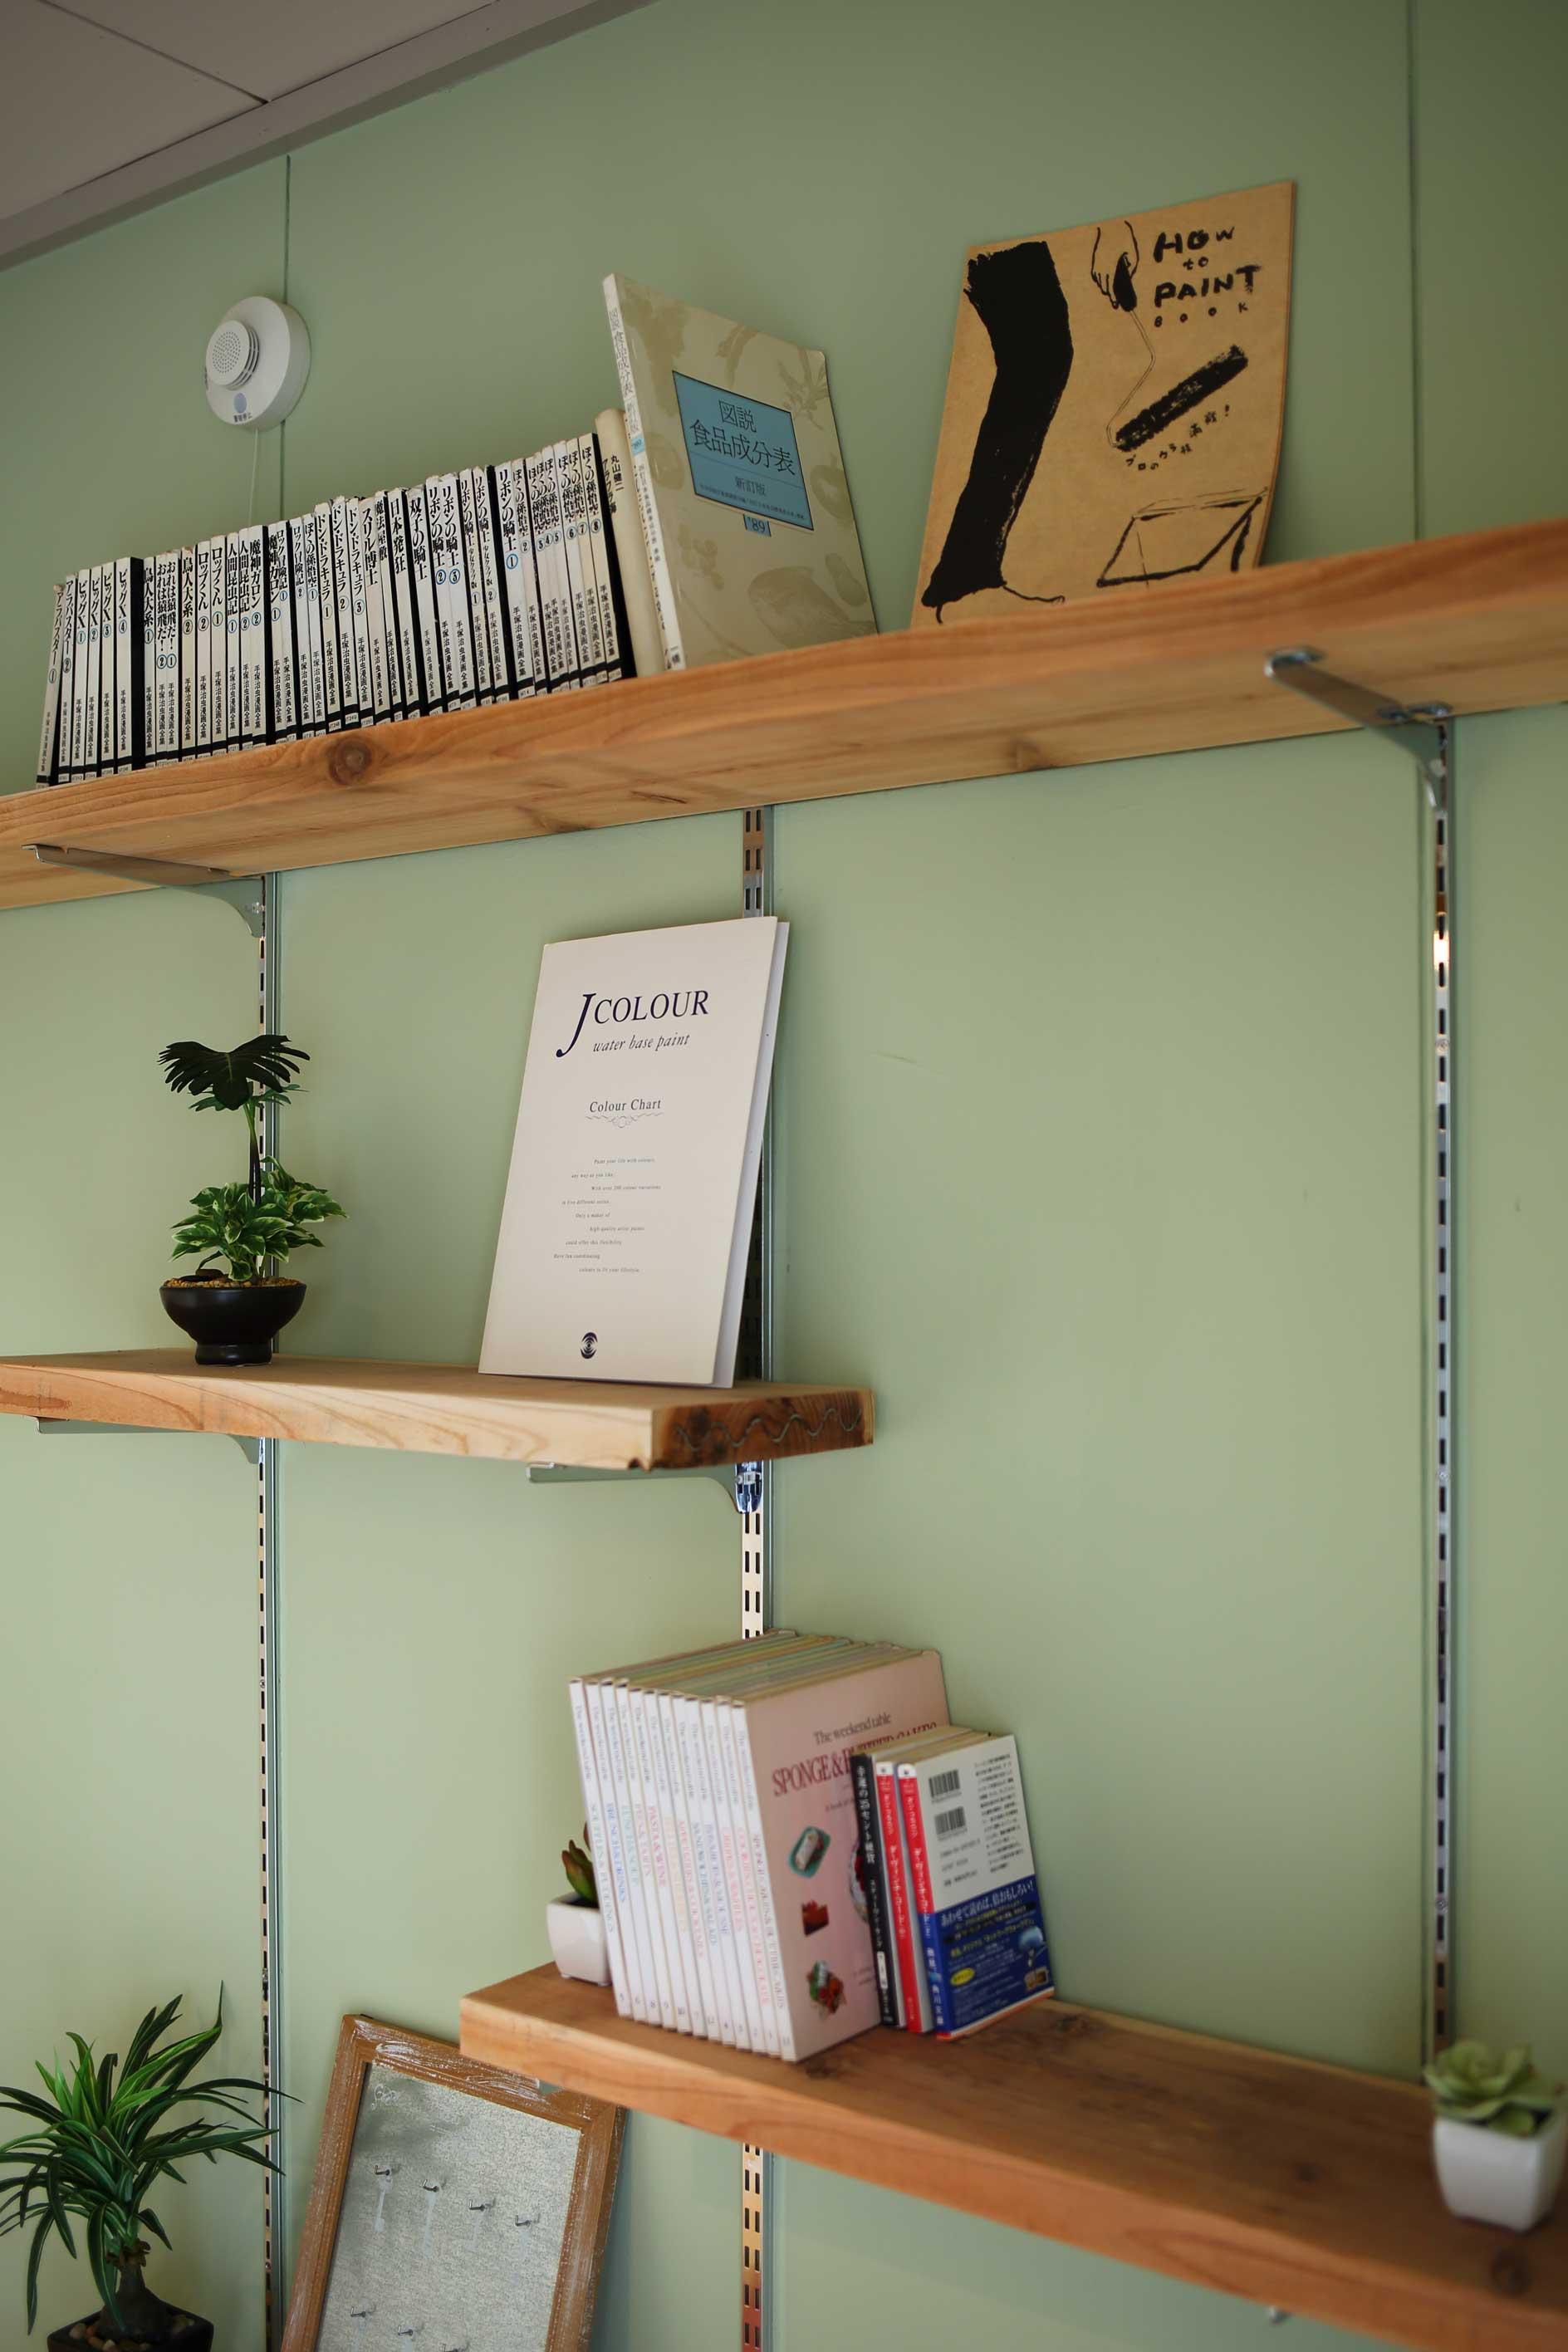 「団地カスタマイズ」では、こんなふうに、壁に棚をつける事も可能。